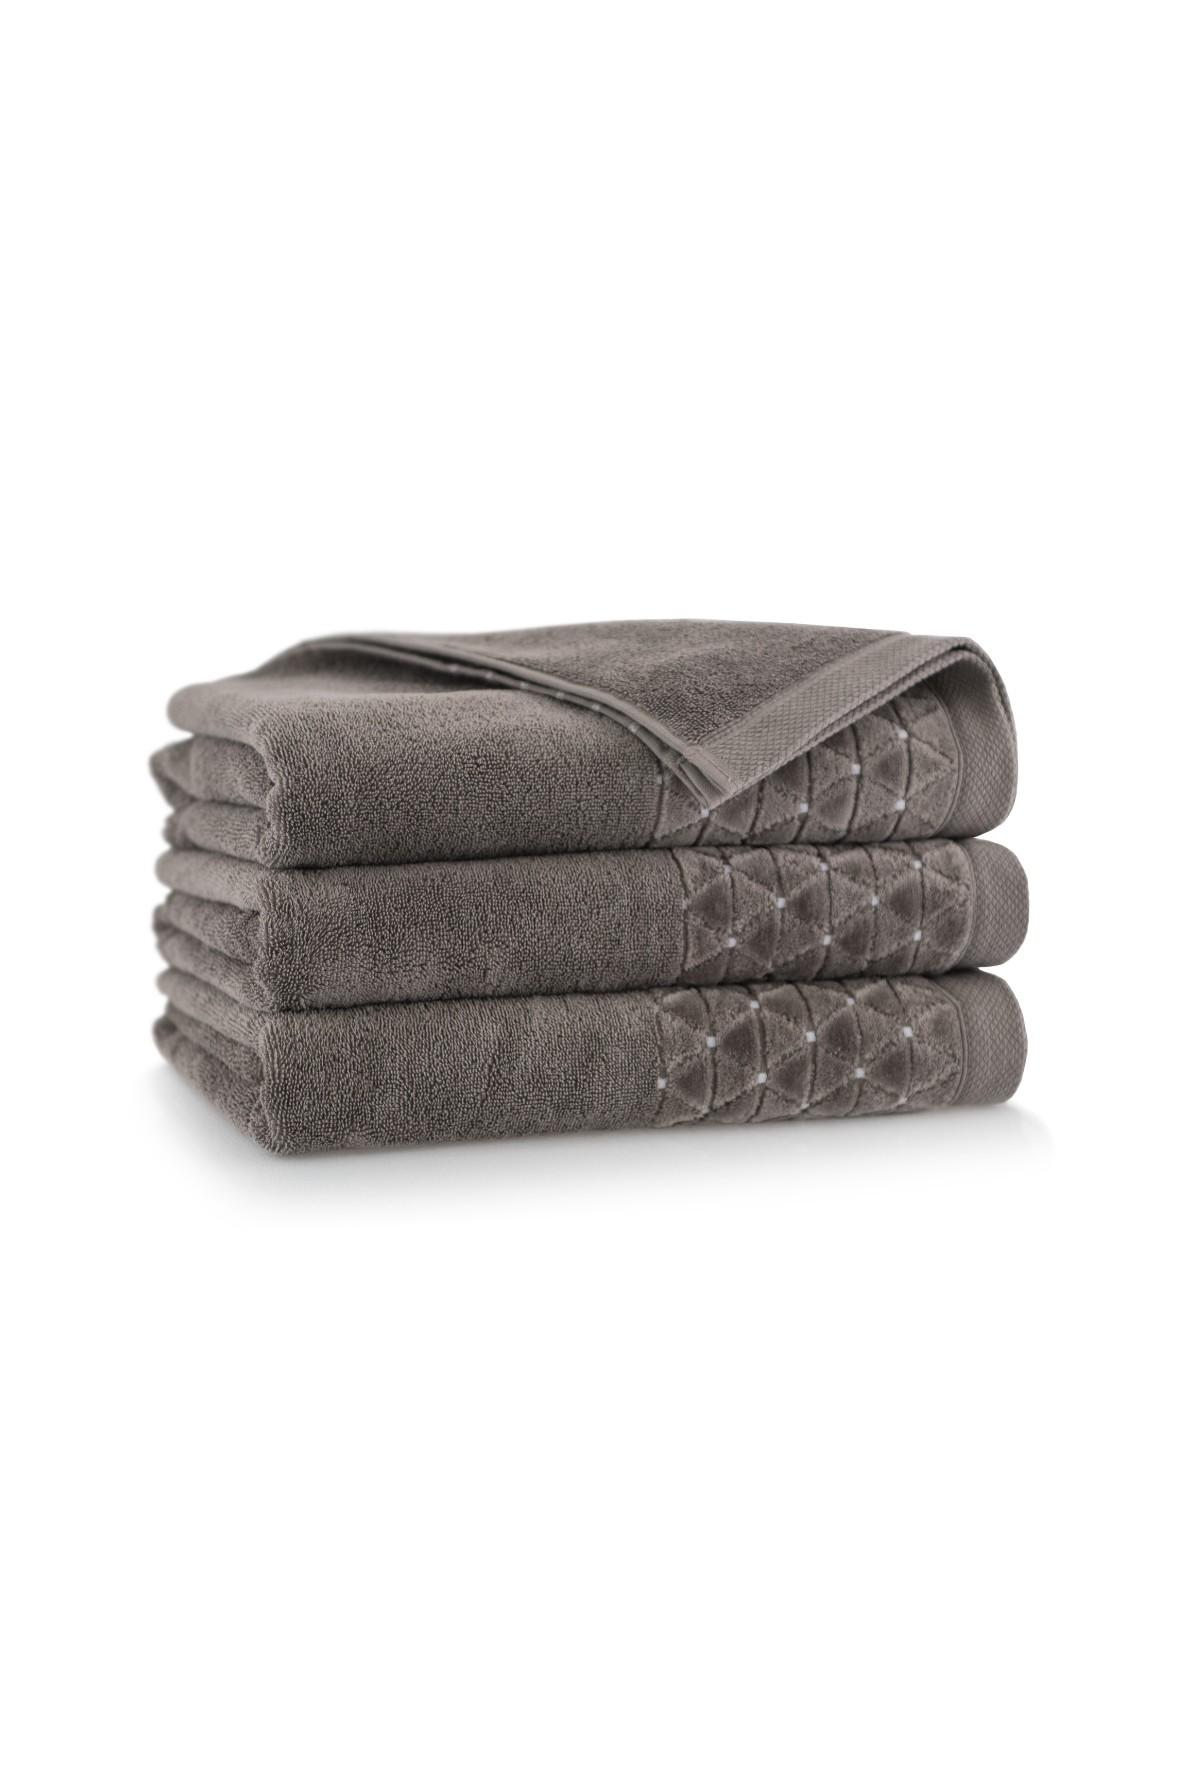 Ręcznik antybakteryjny Oscar z bawełny egipskiej sezam- 70x140 cm